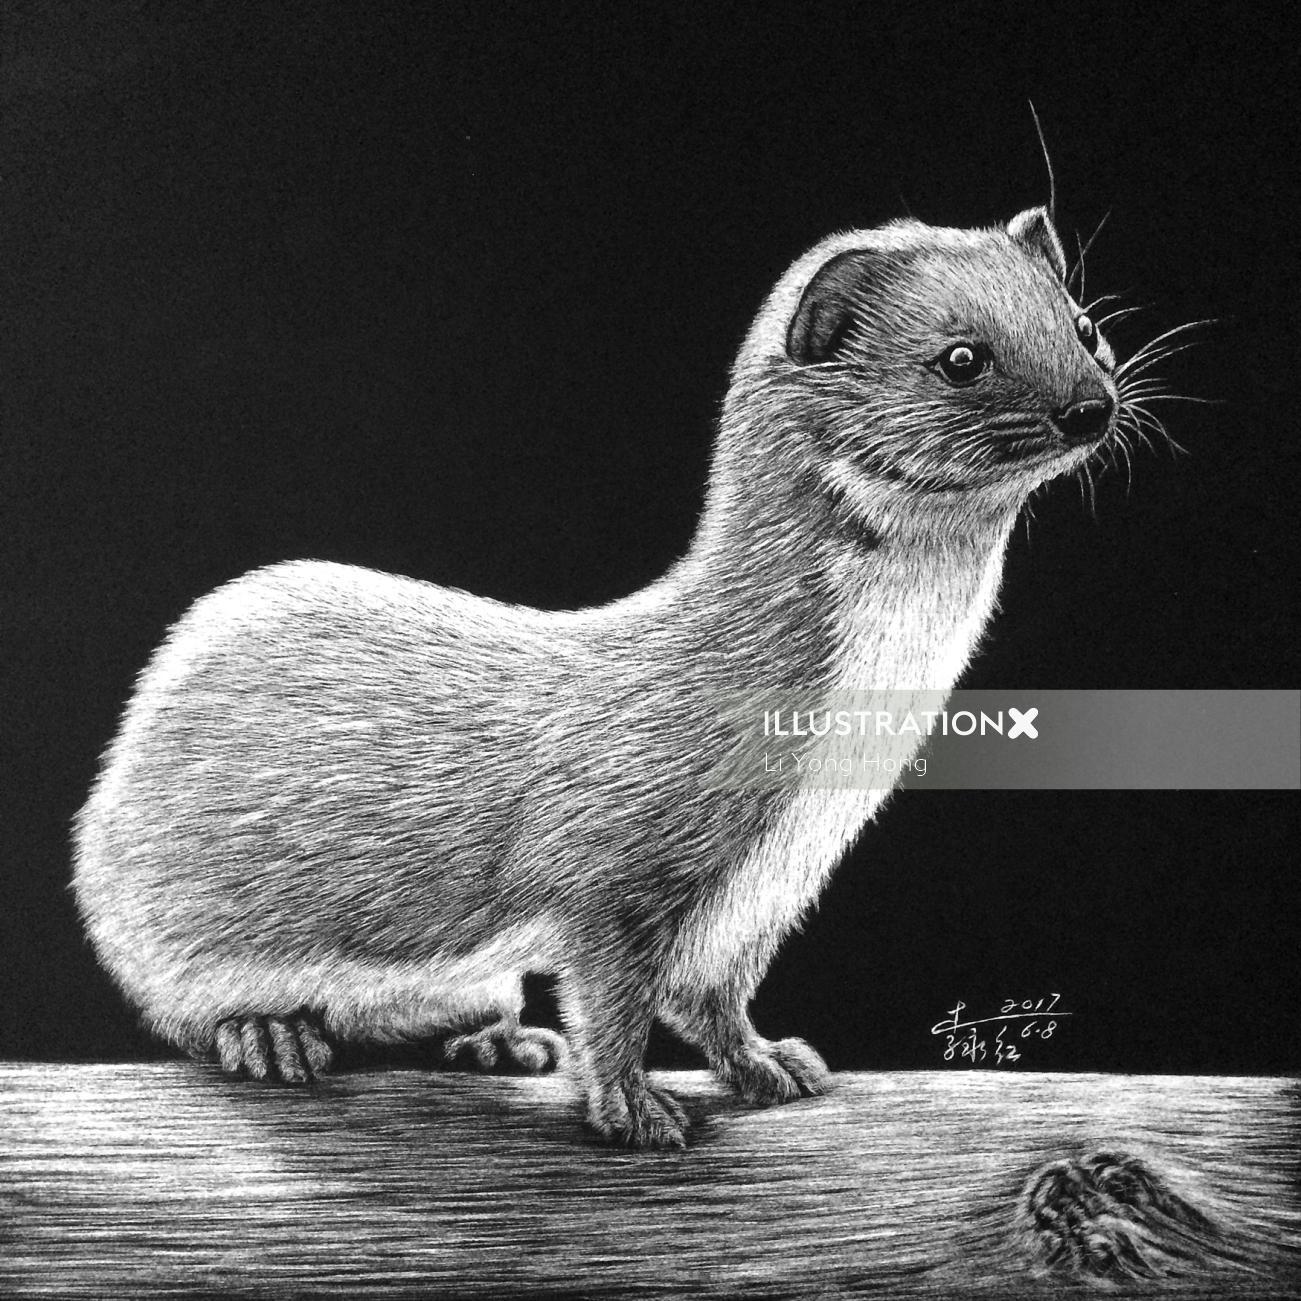 Least weasel Animal Illustration